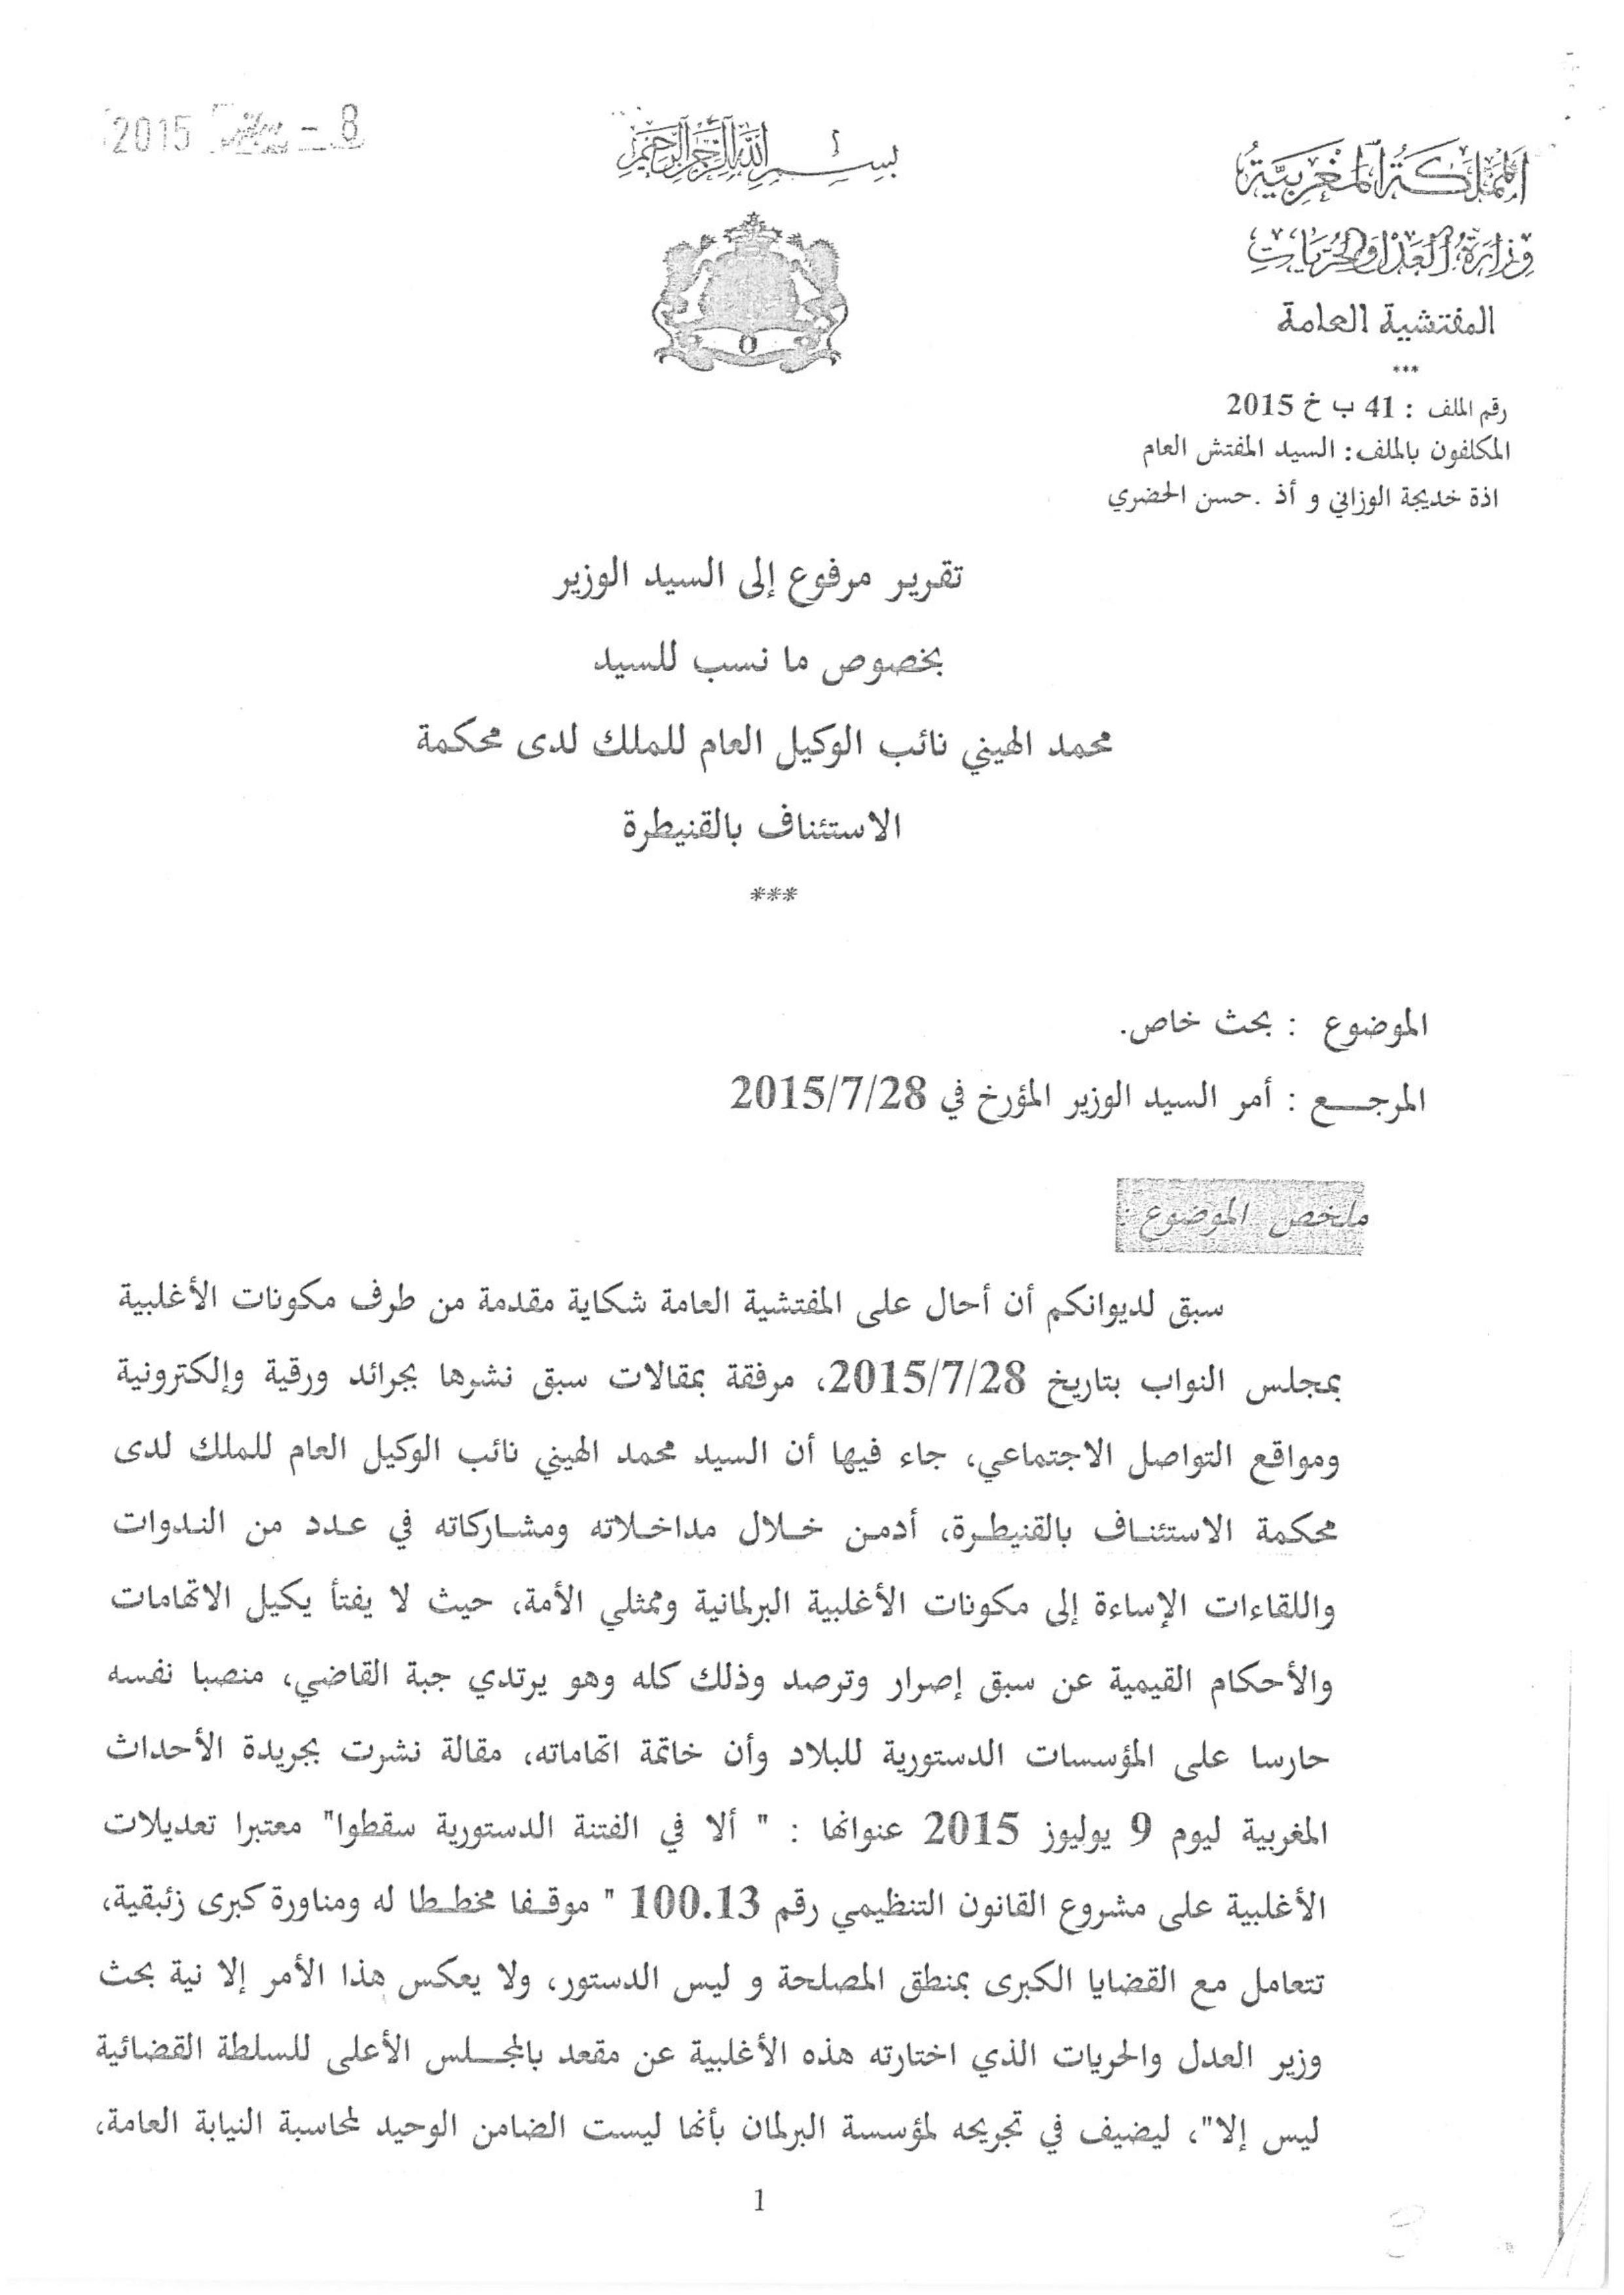 لمناقشة النقط القانونية المتعلقة بالأمن القانوني والقضائي للقضاة الموقع يفتح نقاشا بناء على وثائق الملف التأديبي للقاضي محمد الهيني